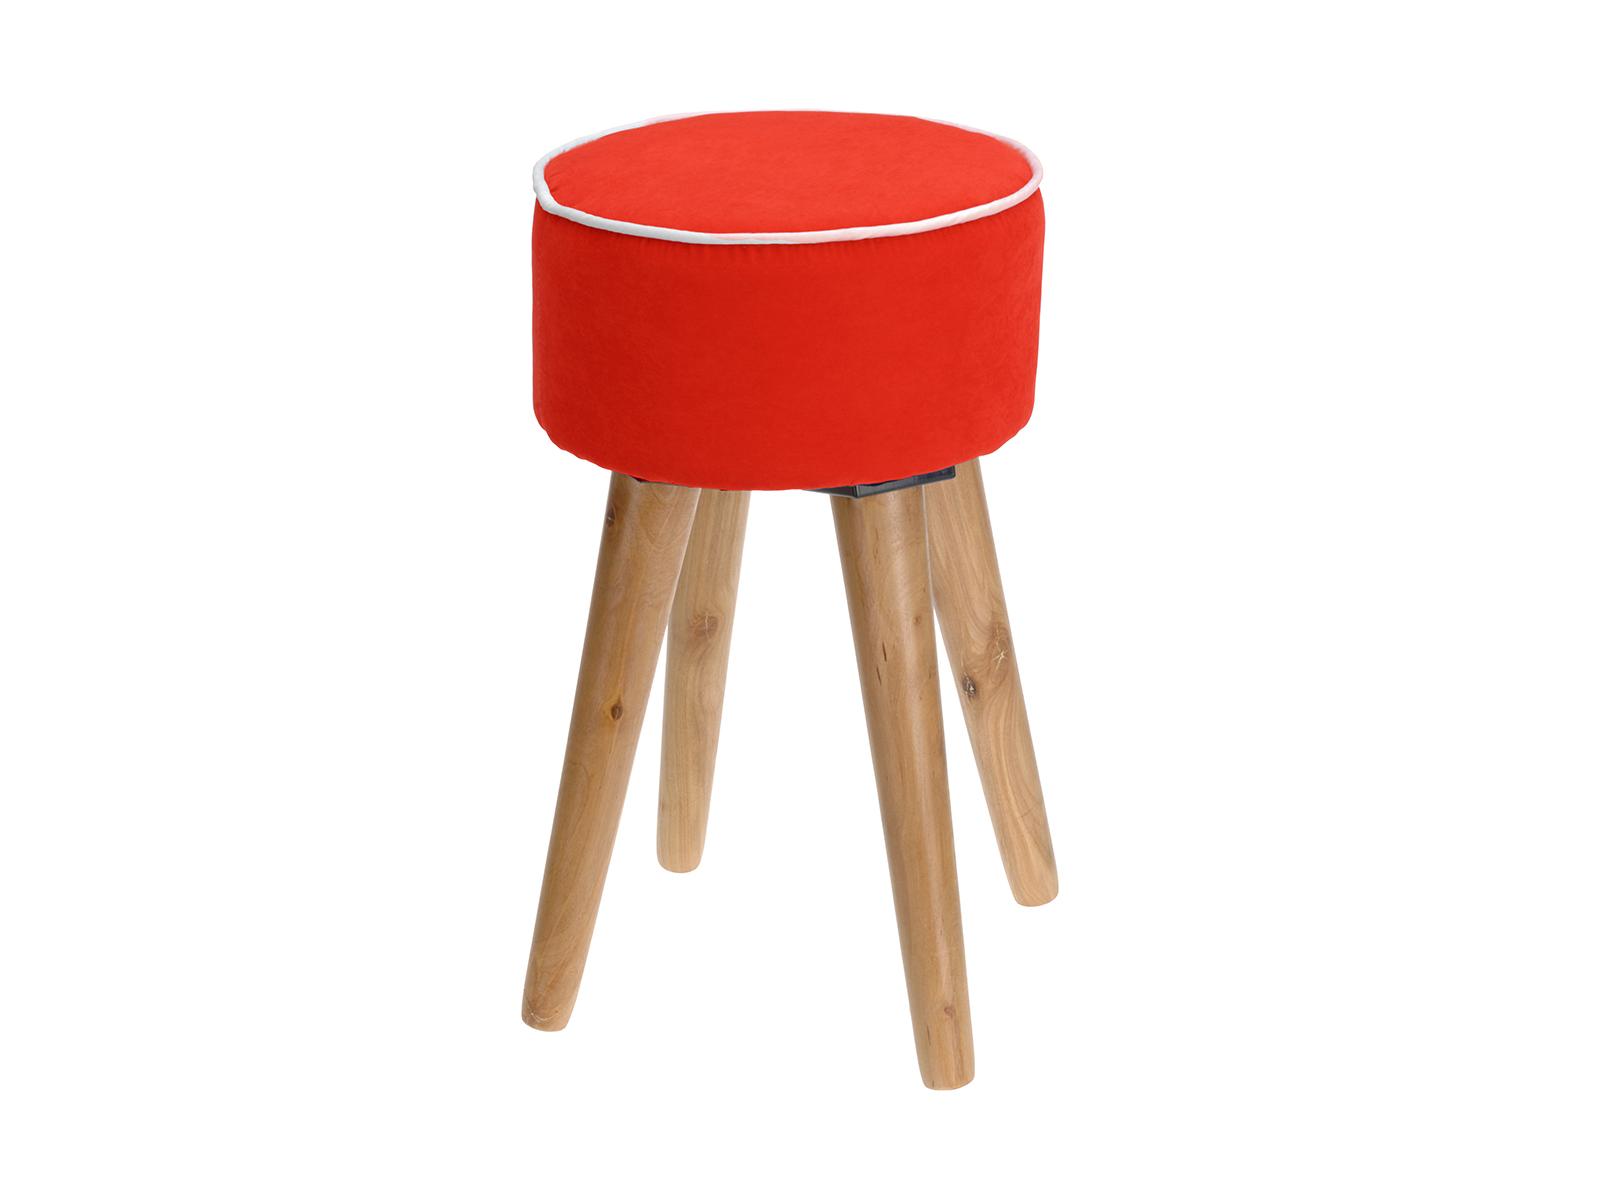 Табурет Hot SummerТабуреты и Скамьи<br>Табурет с сиденьем из текстильных материалов<br>